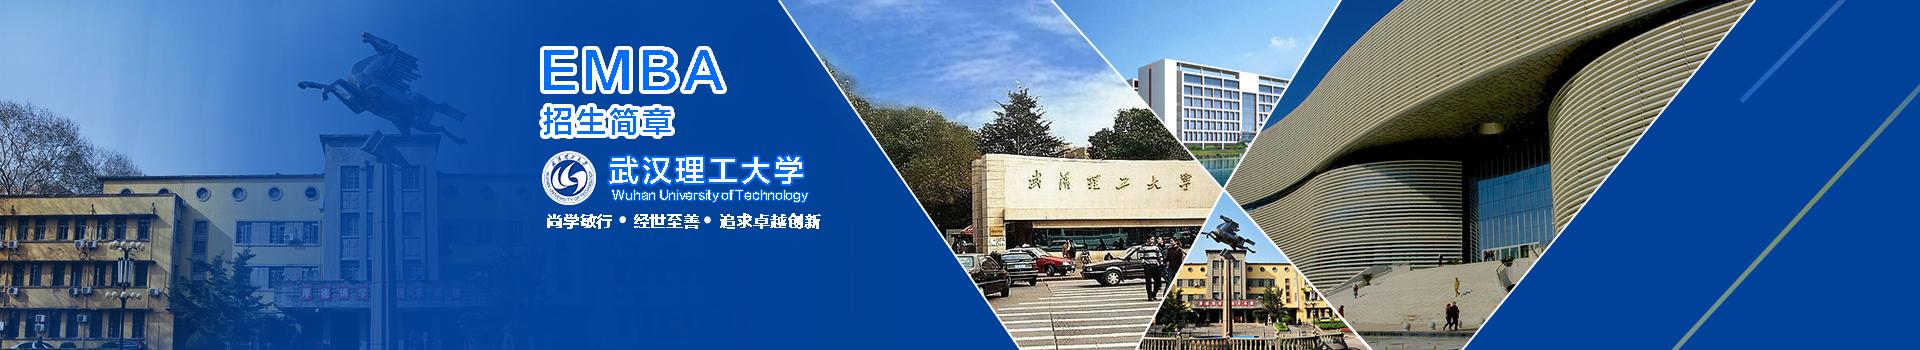 武汉理工大学管理学院高级工商管理硕士EMBA招生简章